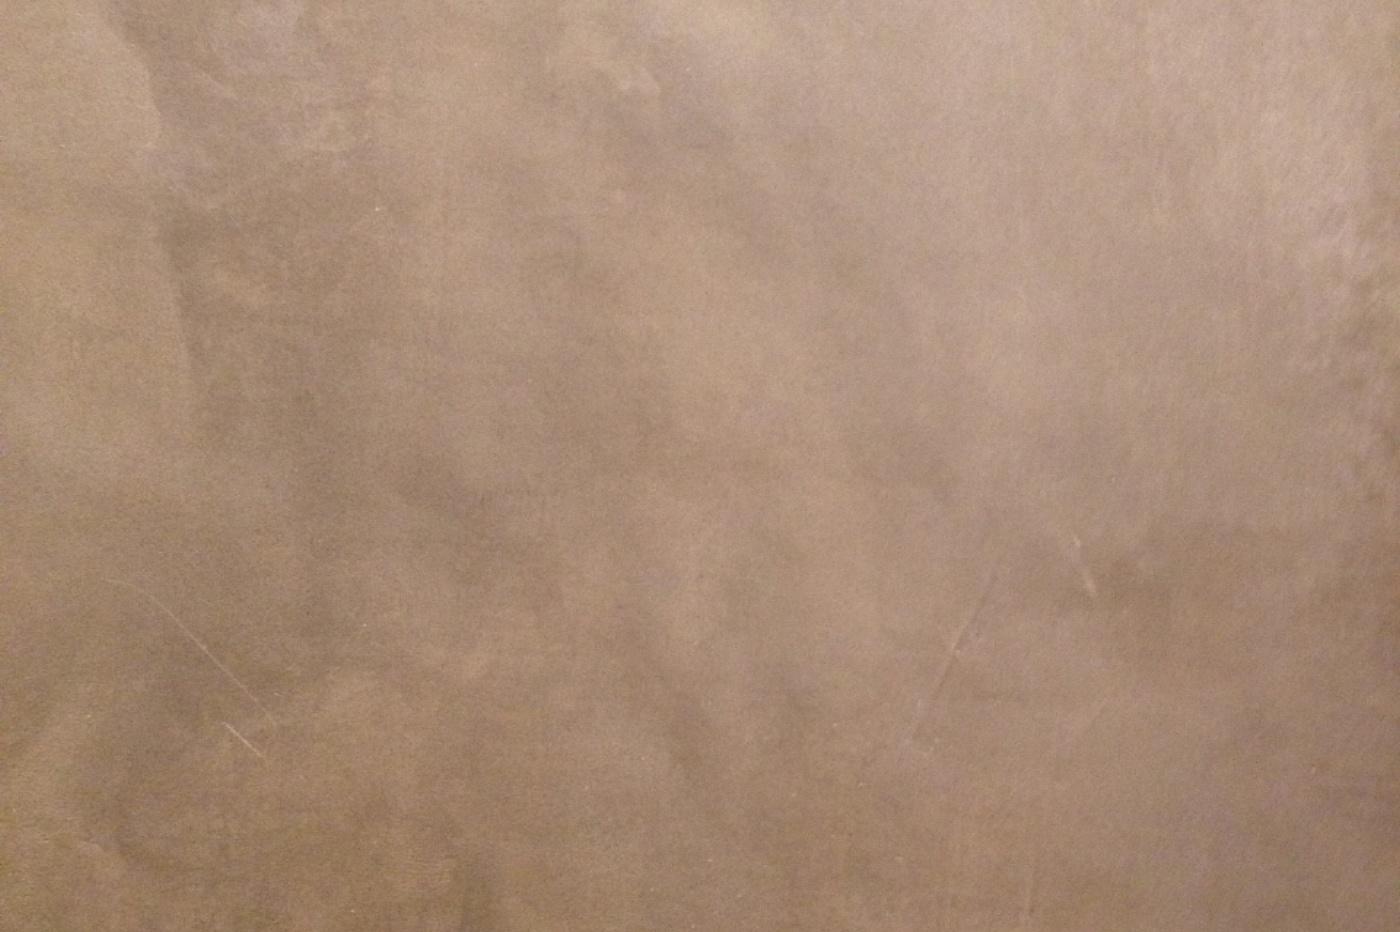 PCM - Cemento Naturale spatolato a mano  >> TrovaPavimenti.it